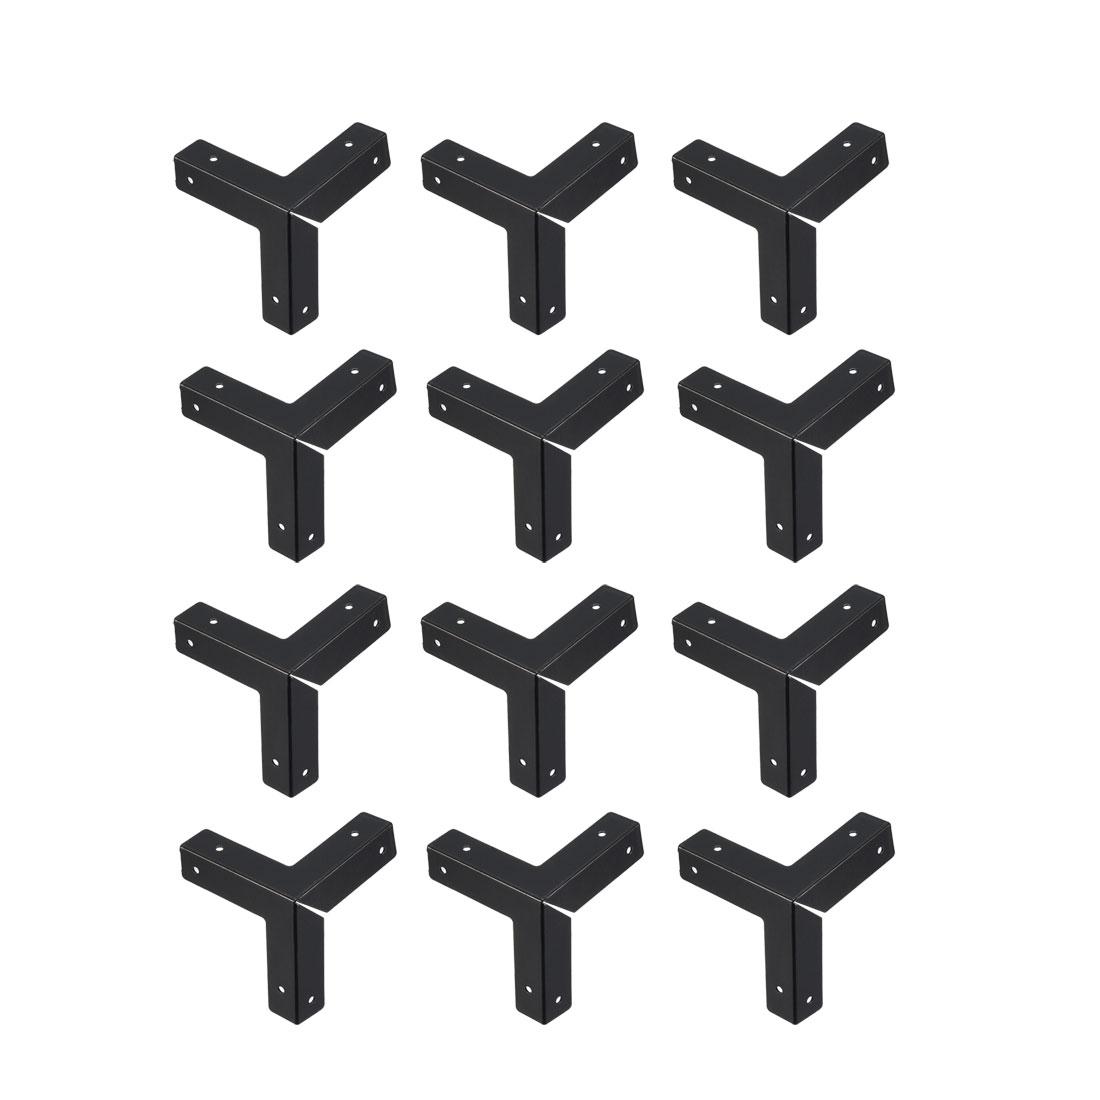 Metal Box Corner Protectors Edge Guard Protector 33 x 33 x 33mm Black 12pcs